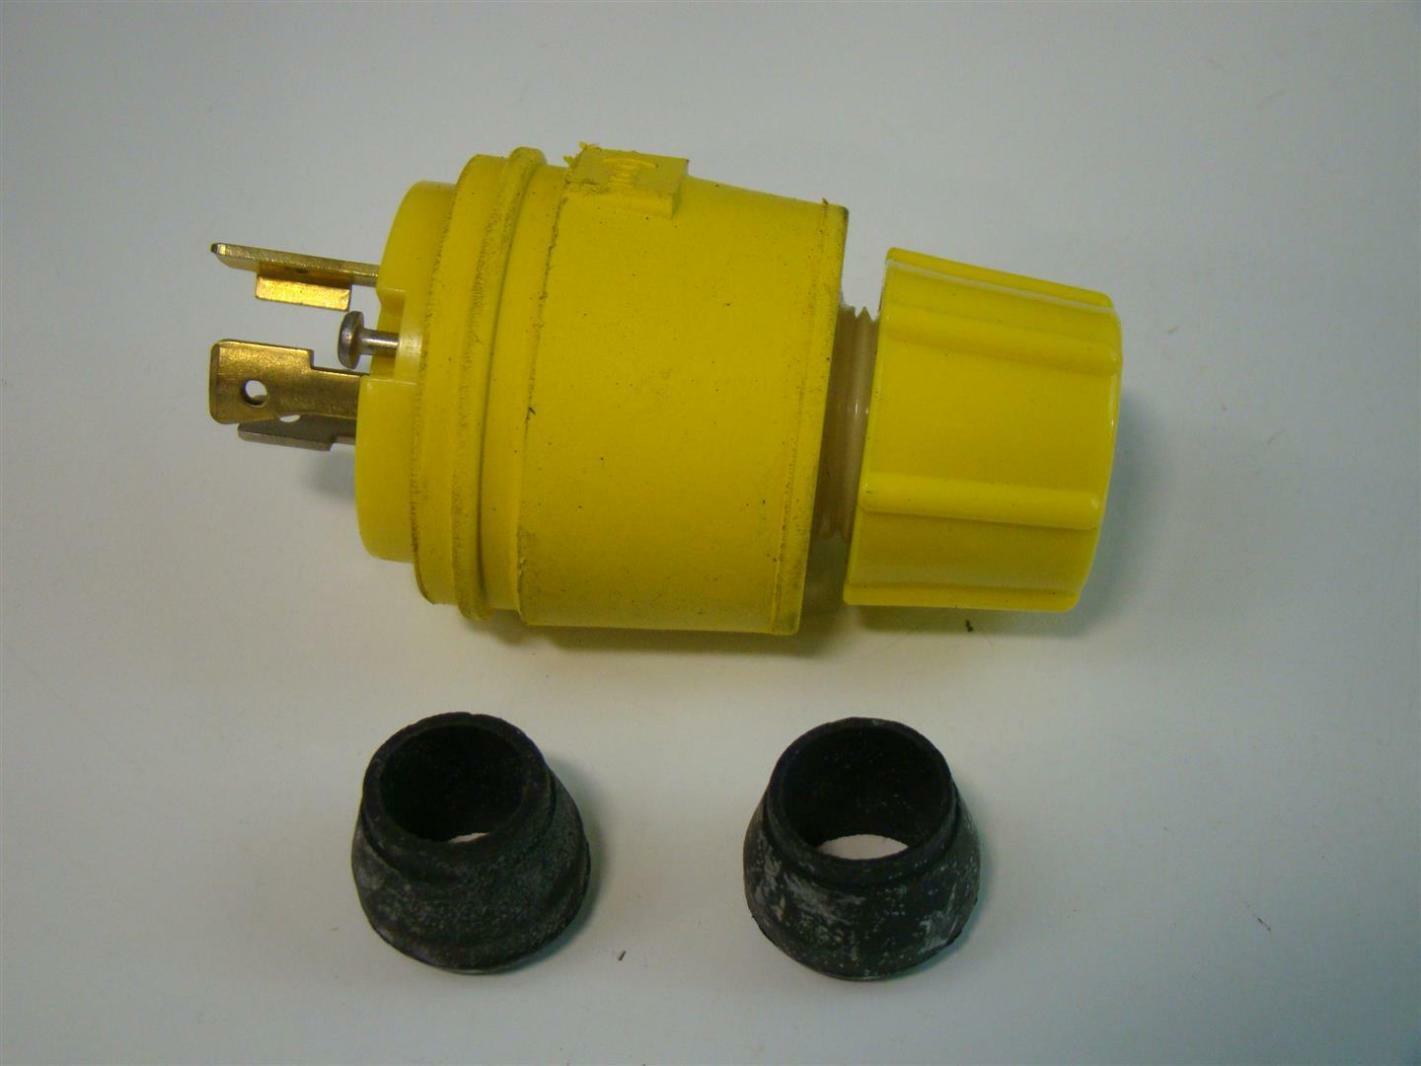 20a Male Plug 20a 125v Male Plug End